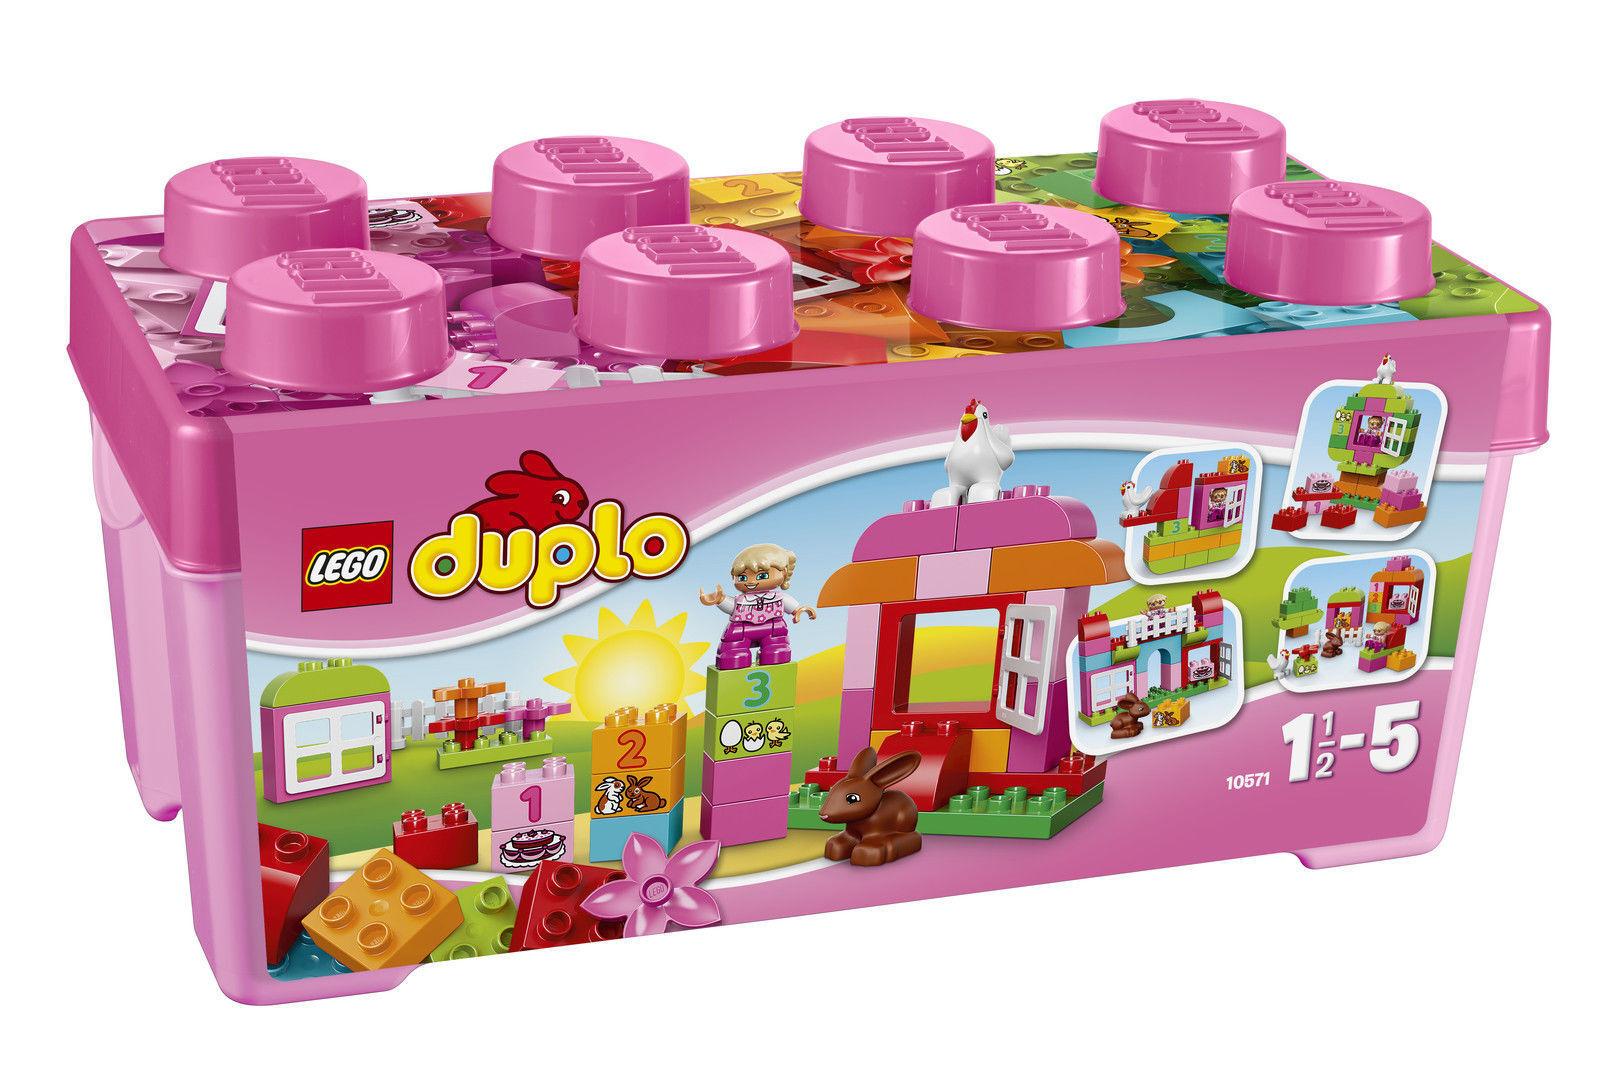 LEGO® Duplo® (10571) Große Steinebox Mädchen inkl Versand Neu & Ovp